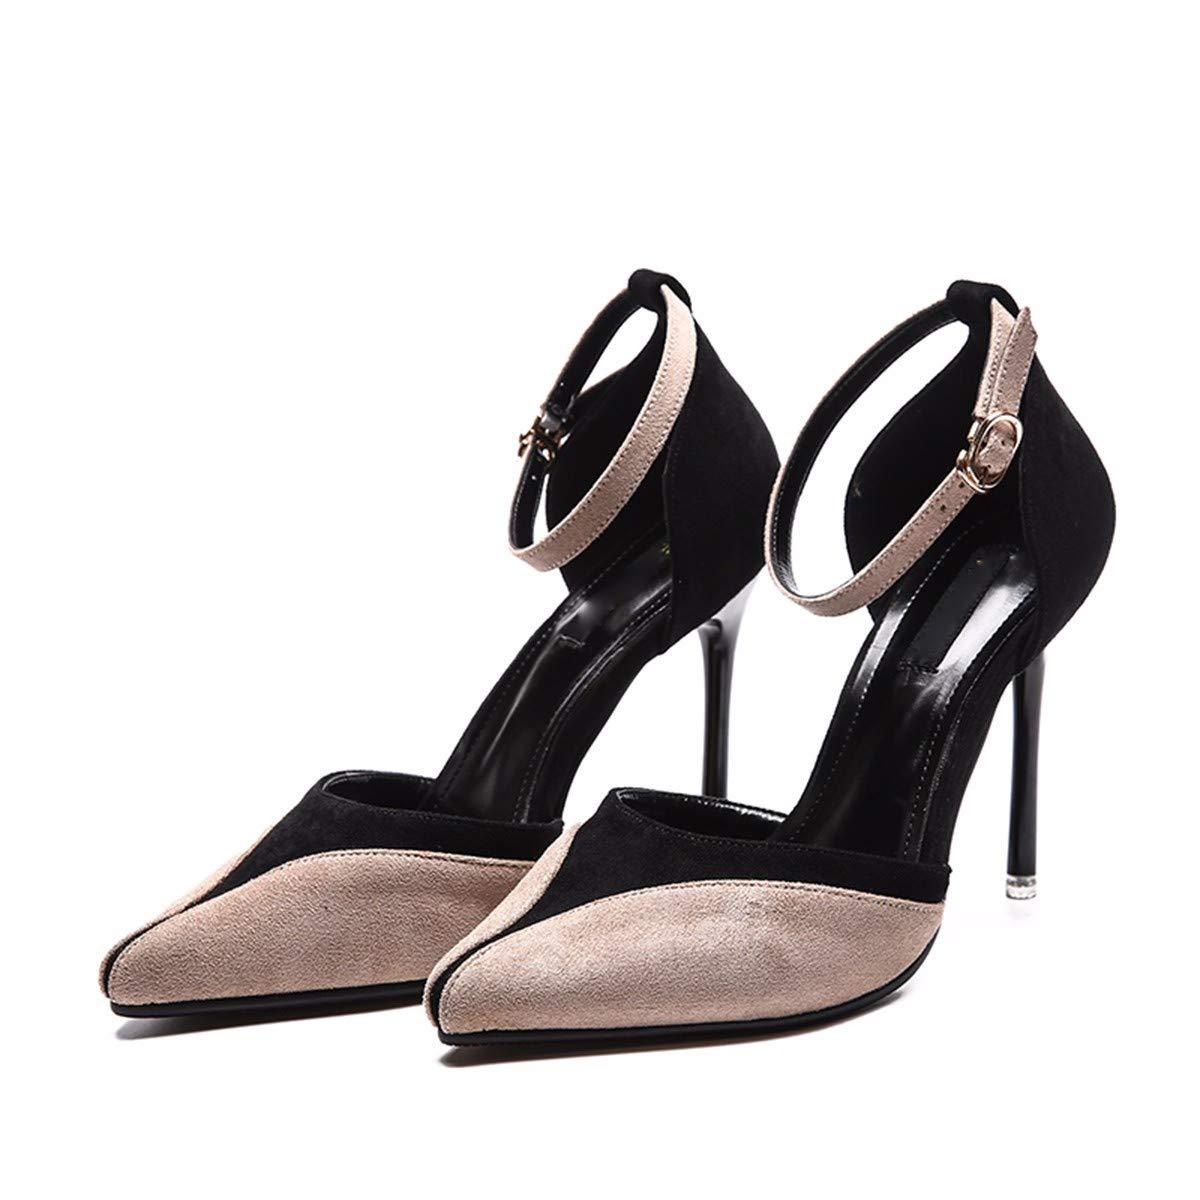 KPHY Chaussures Femmes/des Talons DE 10 Cm De Haut Le Printemps Et L'Été Coloriage Chaussures Pointues Princesse Mince Petit Frais Cool Les Chaussures.Trente - Neuf Beige